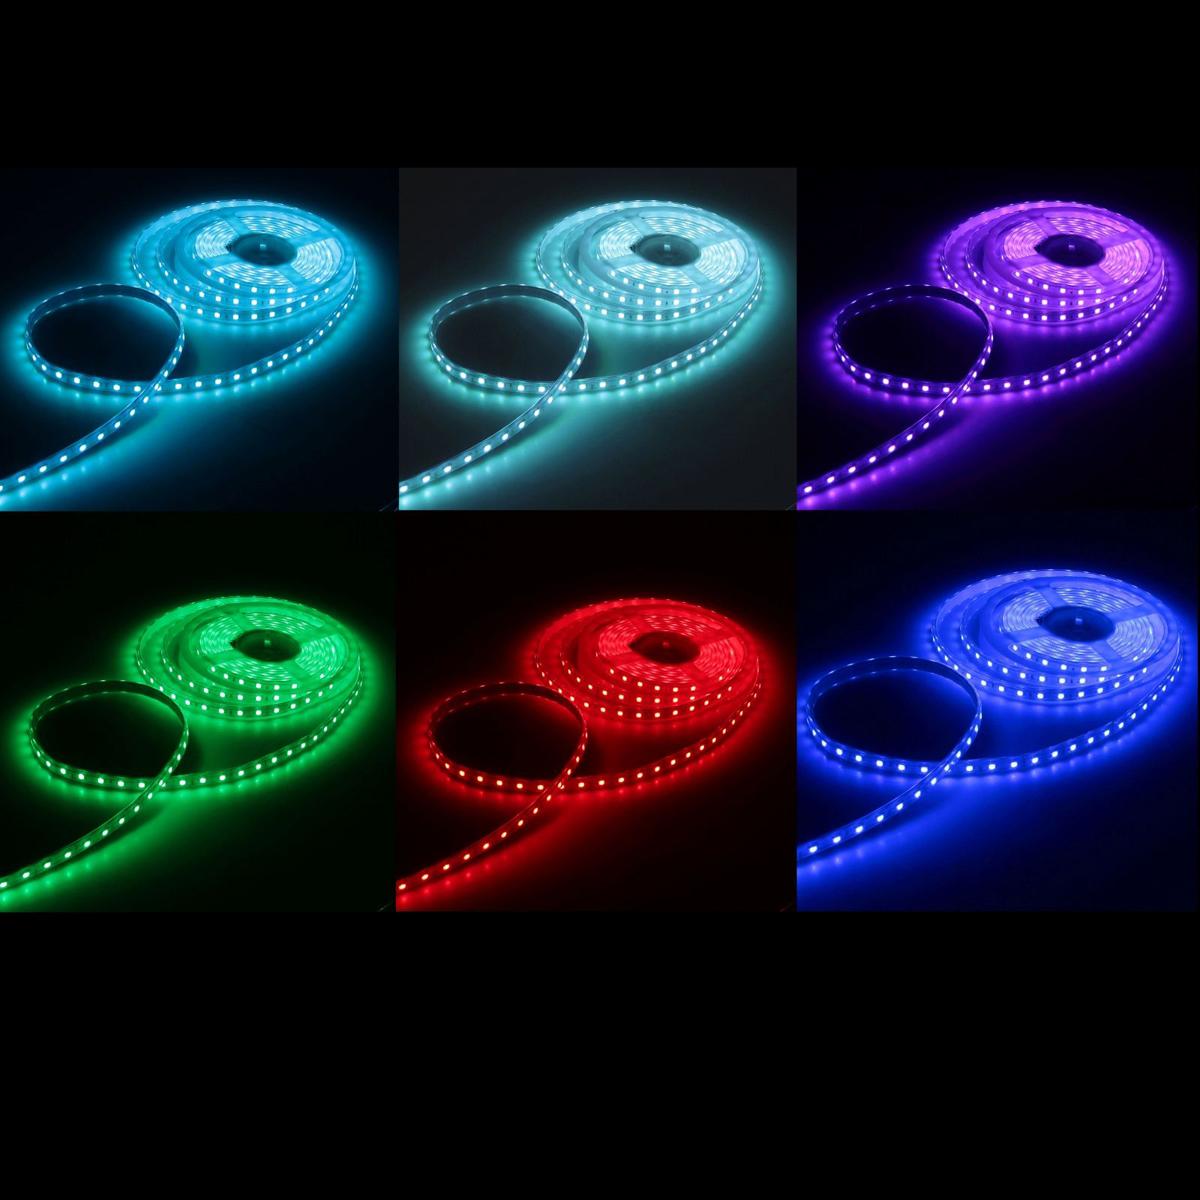 Светодиодная лента Luazon, 220В, SMD5050, длина 5 м, IP65, 60 LED ламп, 11 Вт/м,16-18 Лм/1 LED, AC, цвет: мультиколор883976Светодиодные гирлянды, ленты и т.д — это отличный вариант для новогоднего оформления интерьера или фасада. С их помощью помещение любого размера можно превратить в праздничный зал, а внешние элементы зданий, украшенные ими, мгновенно станут напоминать очертания сказочного дворца. Такие украшения создают ауру предвкушения чуда. Деревья, фасады, витрины, окна и арки будто специально созданы, чтобы вы украсили их светящимися нитями.